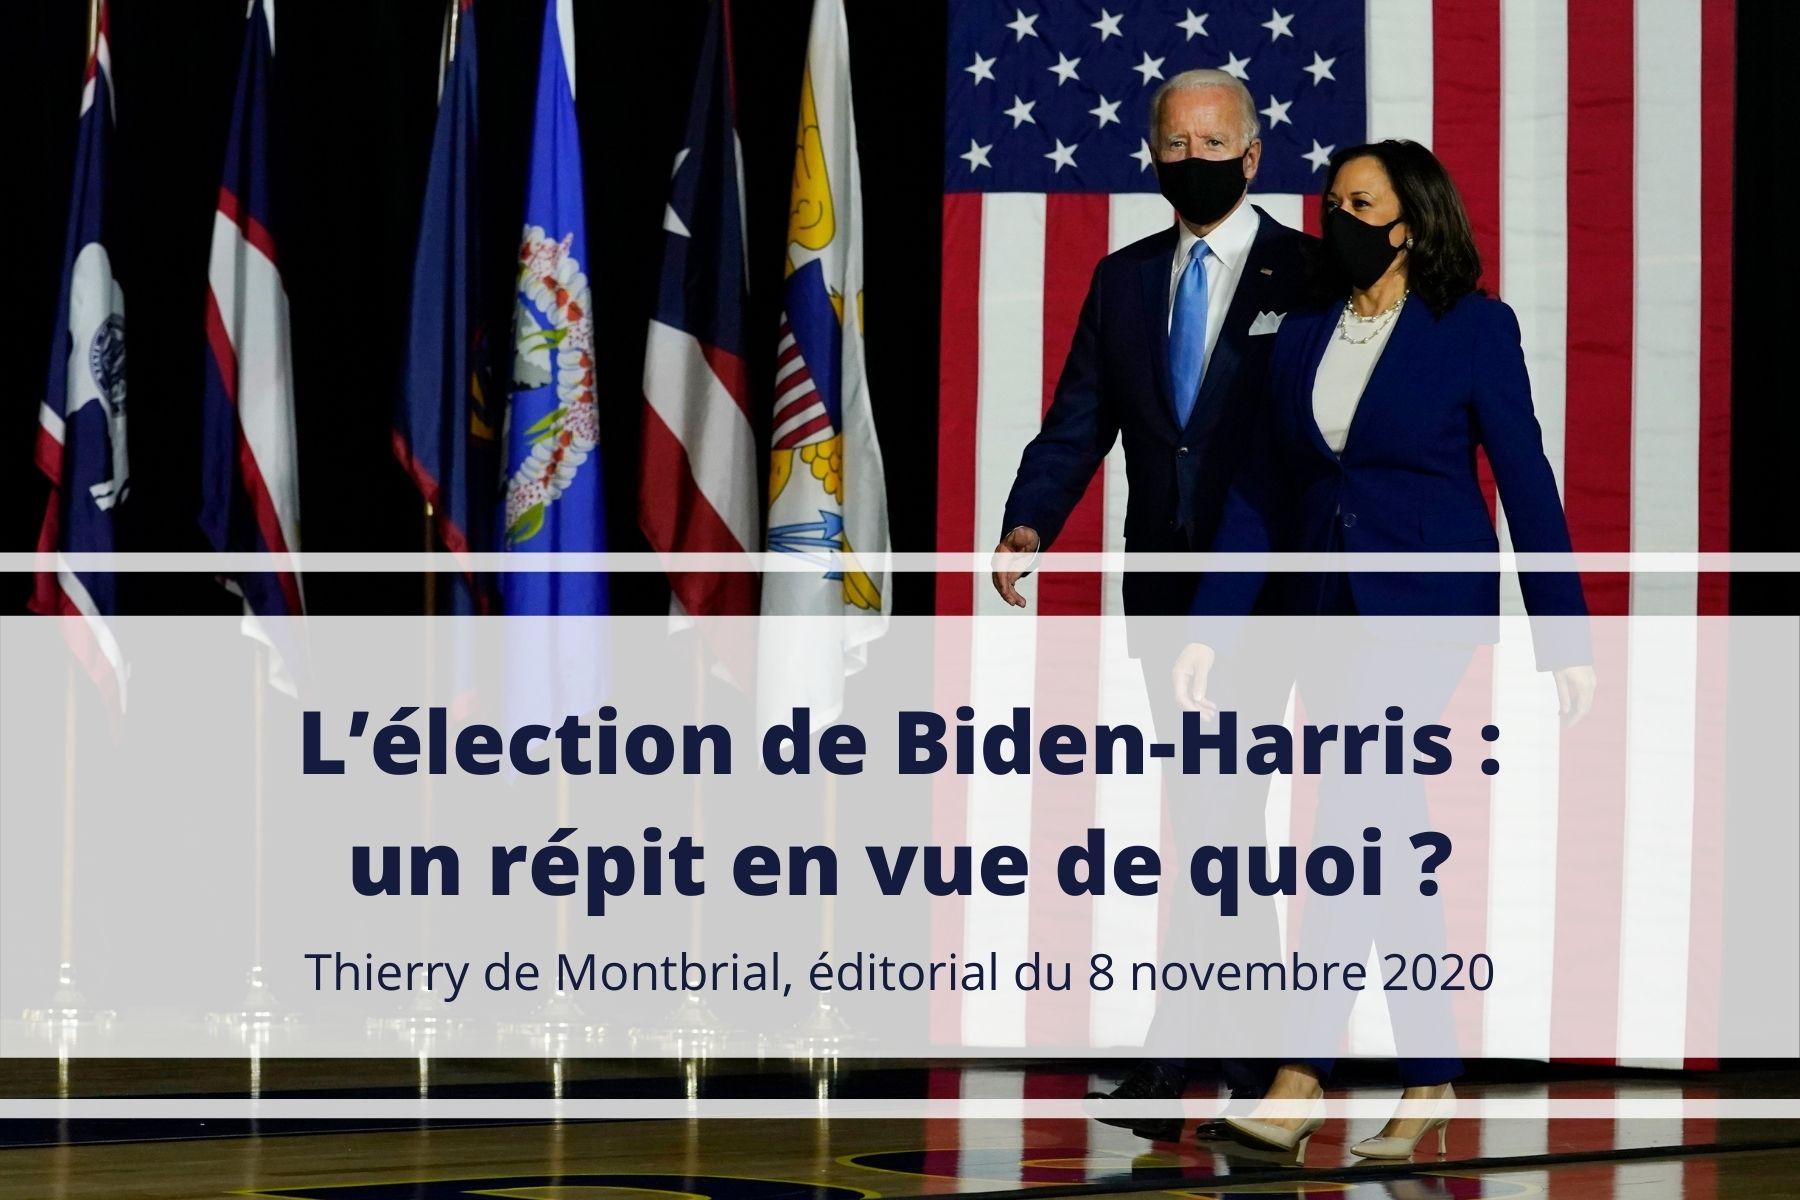 Thierry de Montbrial éditorial novembre 2020 élections américaines